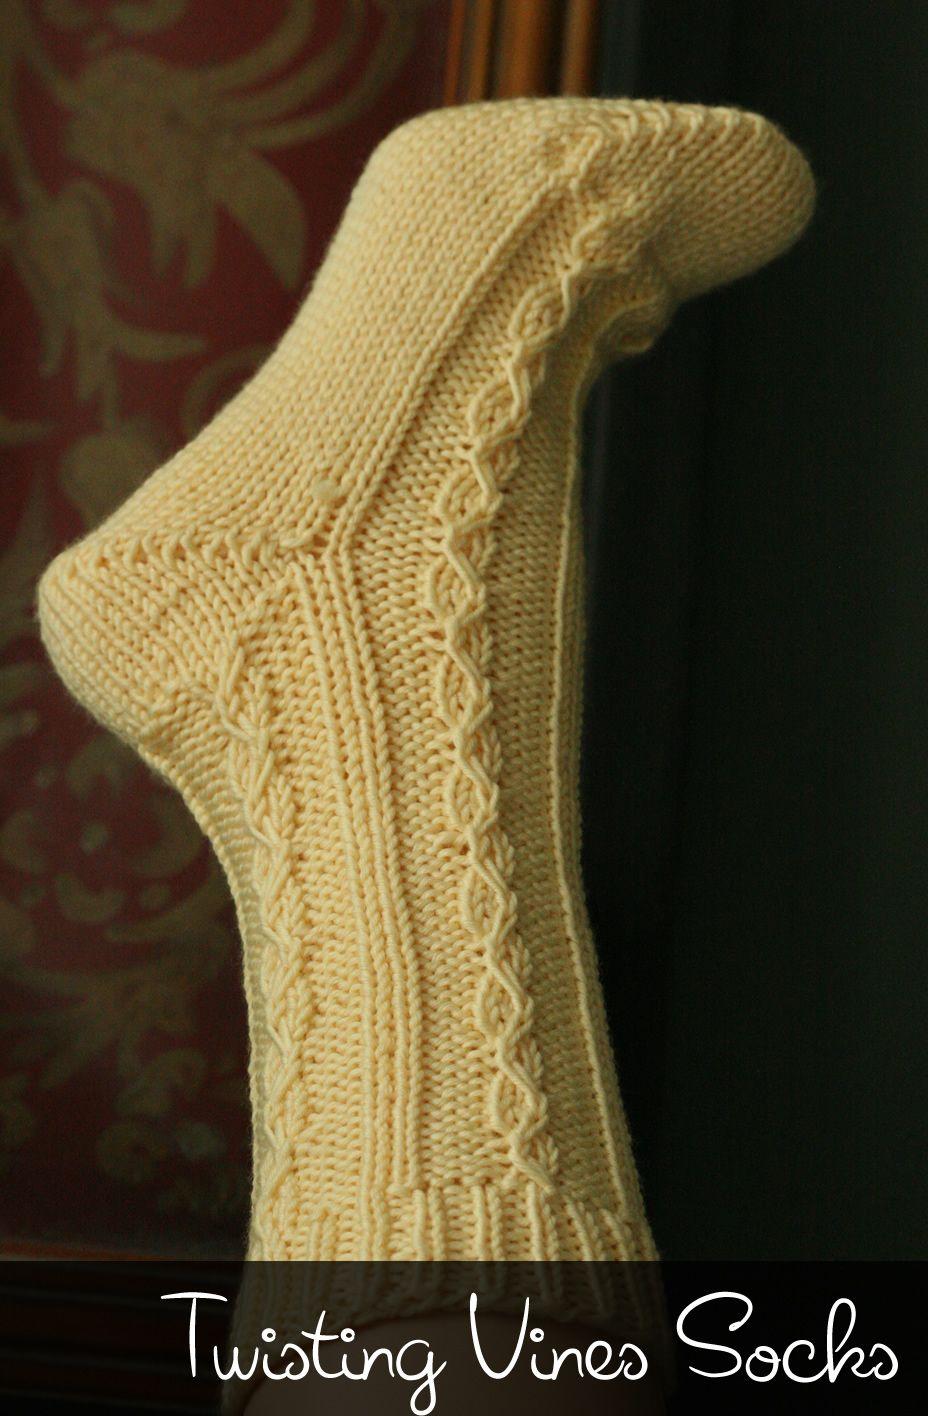 Knitting Board Sock Loom Patterns : Twisting Vines Socks loom pattern Yarn - Loom Knitting and Lace P?